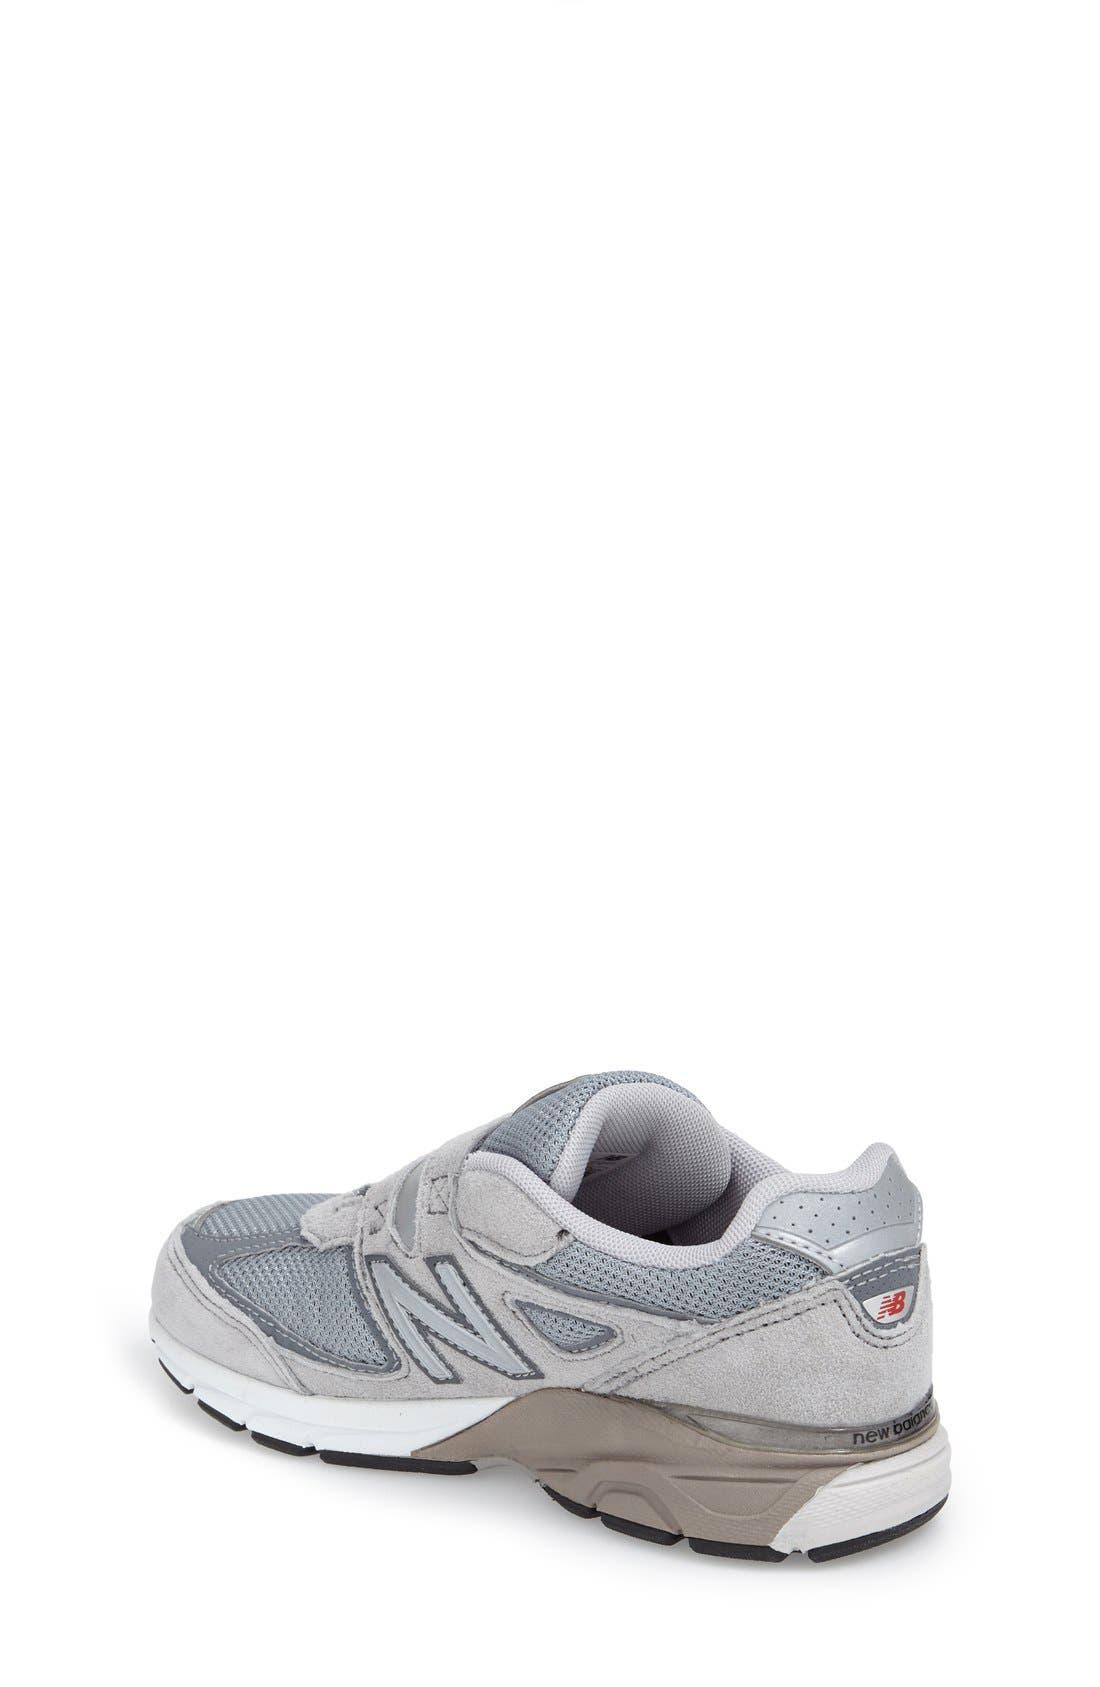 '990v4' Sneaker,                             Alternate thumbnail 2, color,                             Grey